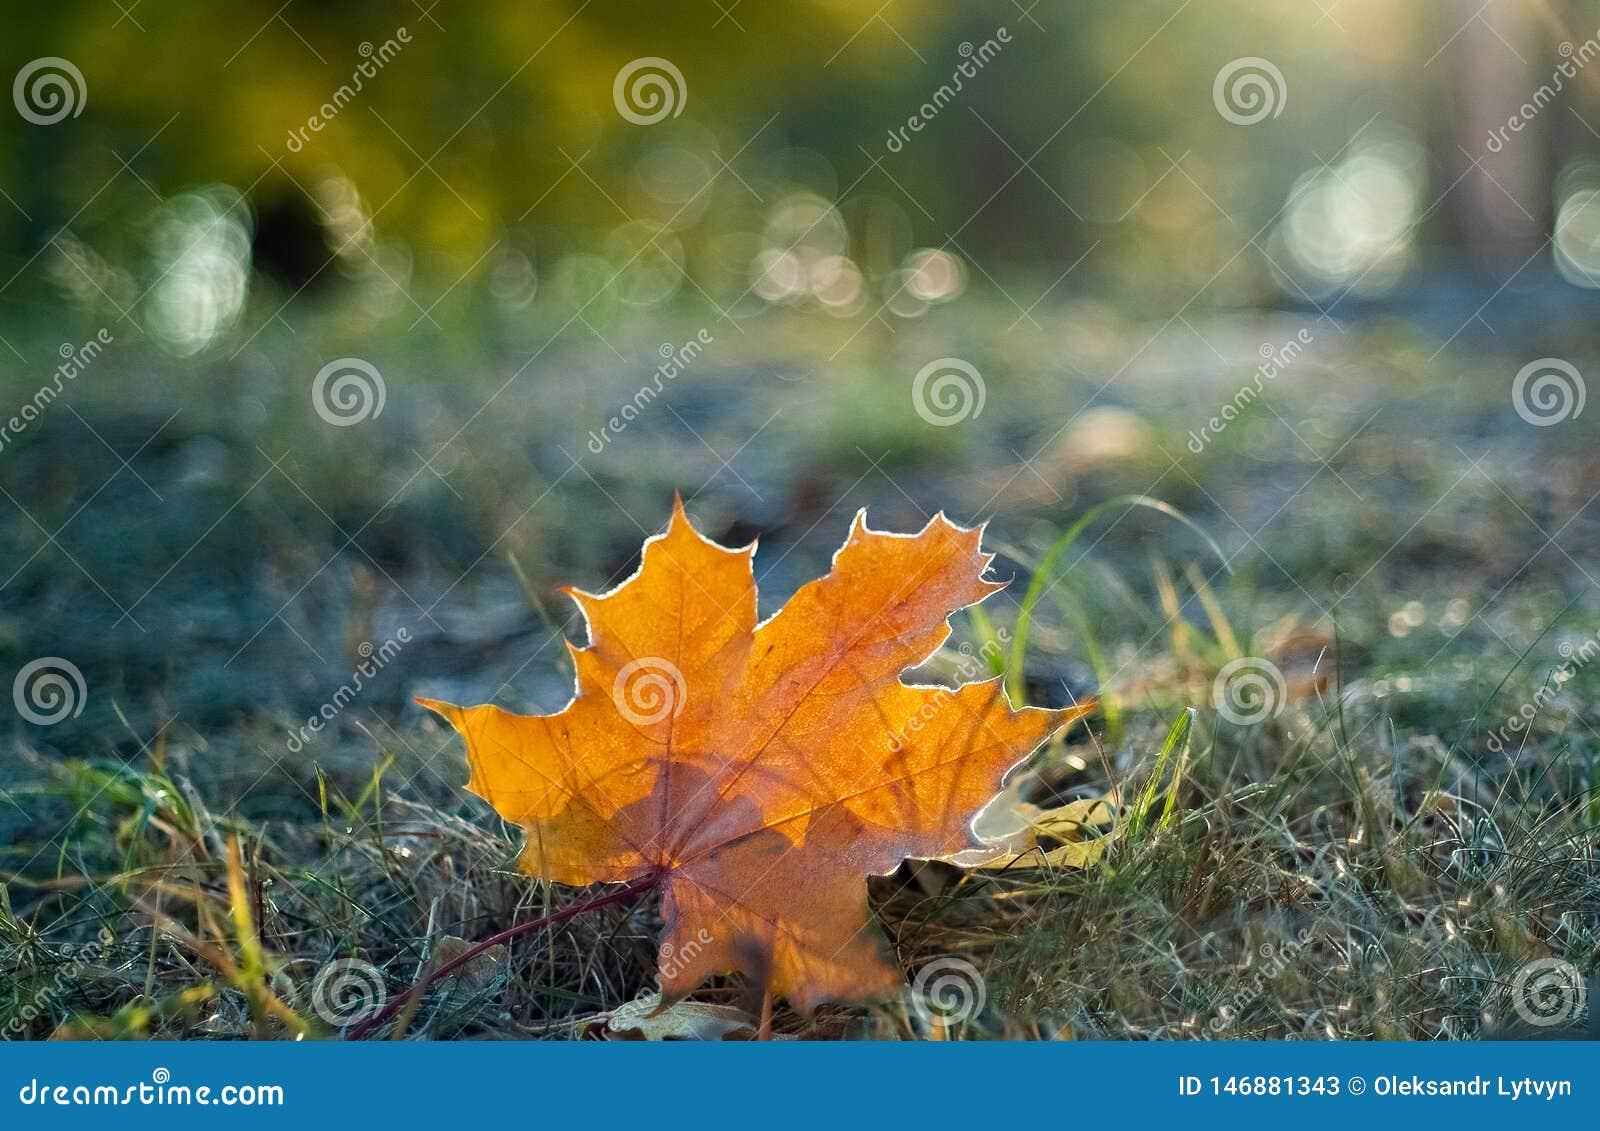 Оранжевый кленовый лист на траве в изморози